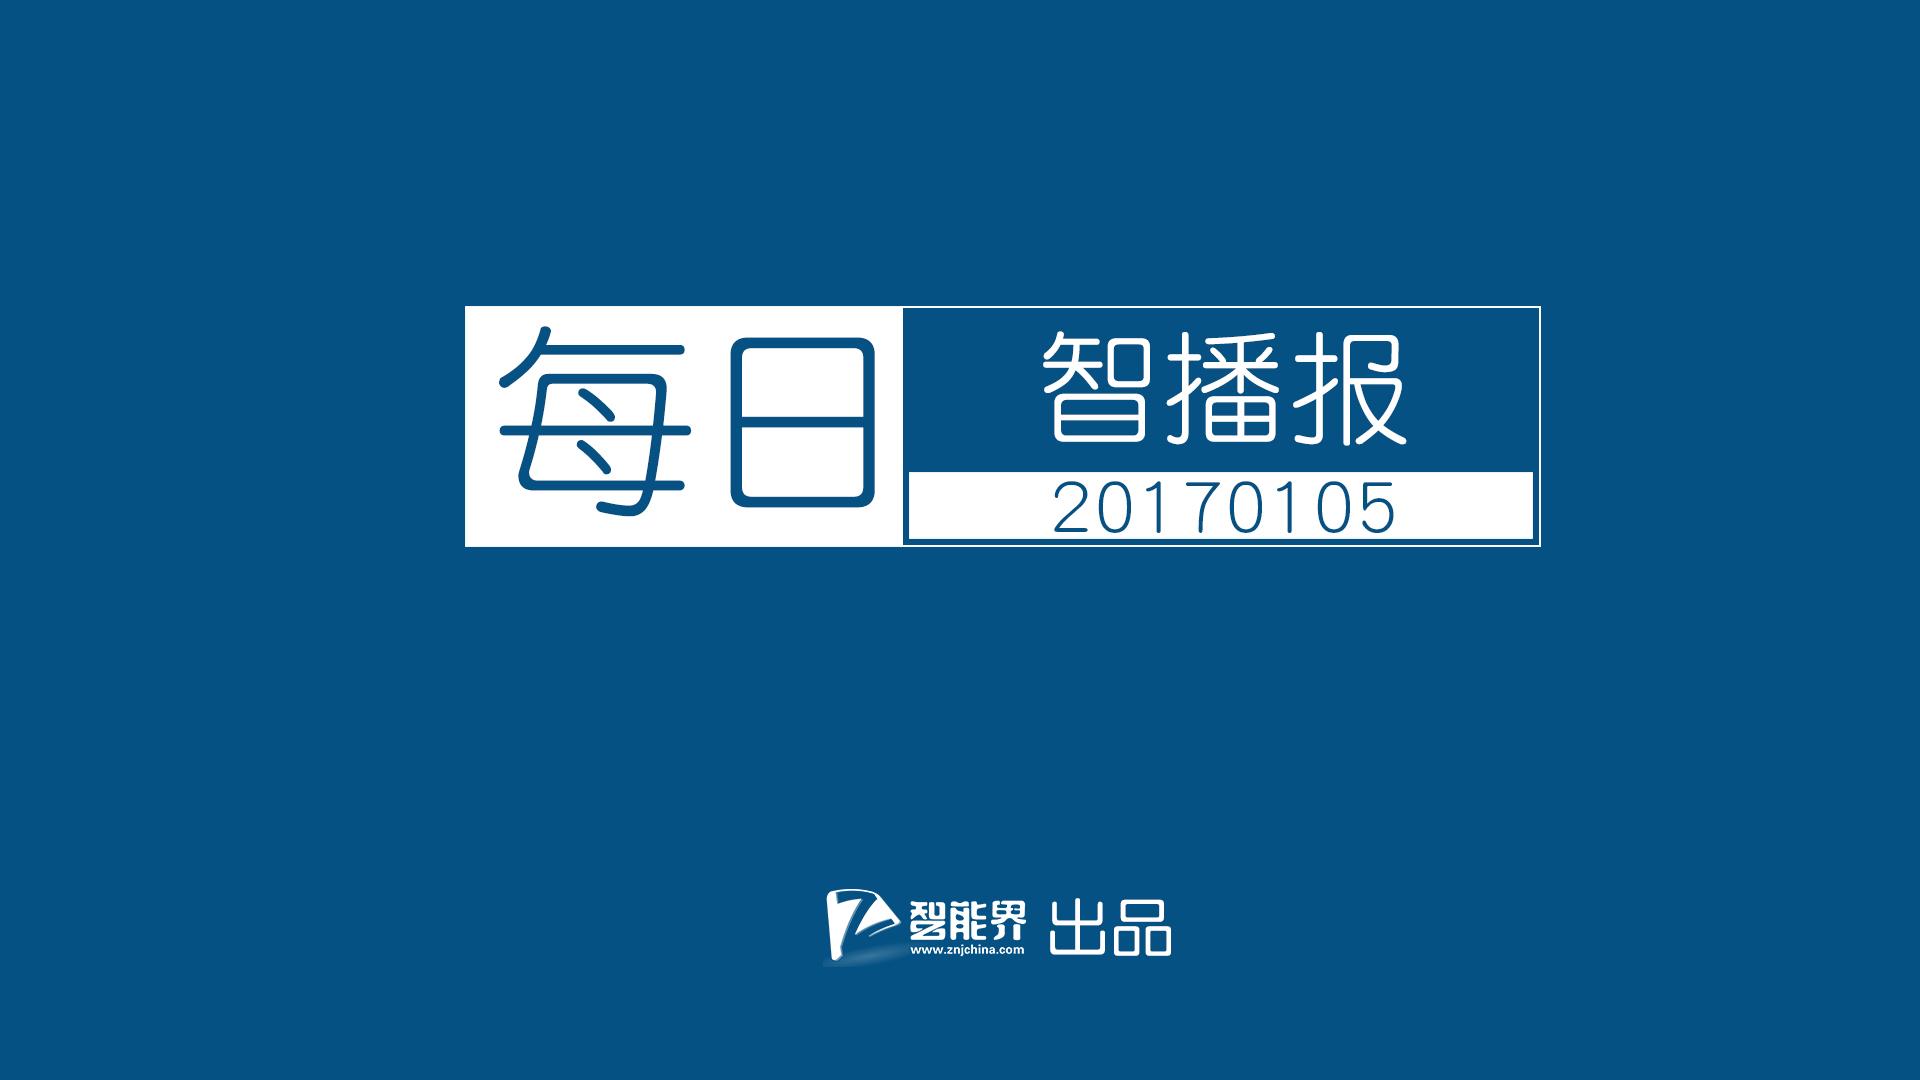 【每日智播报】聚焦CES 2017科技盛会